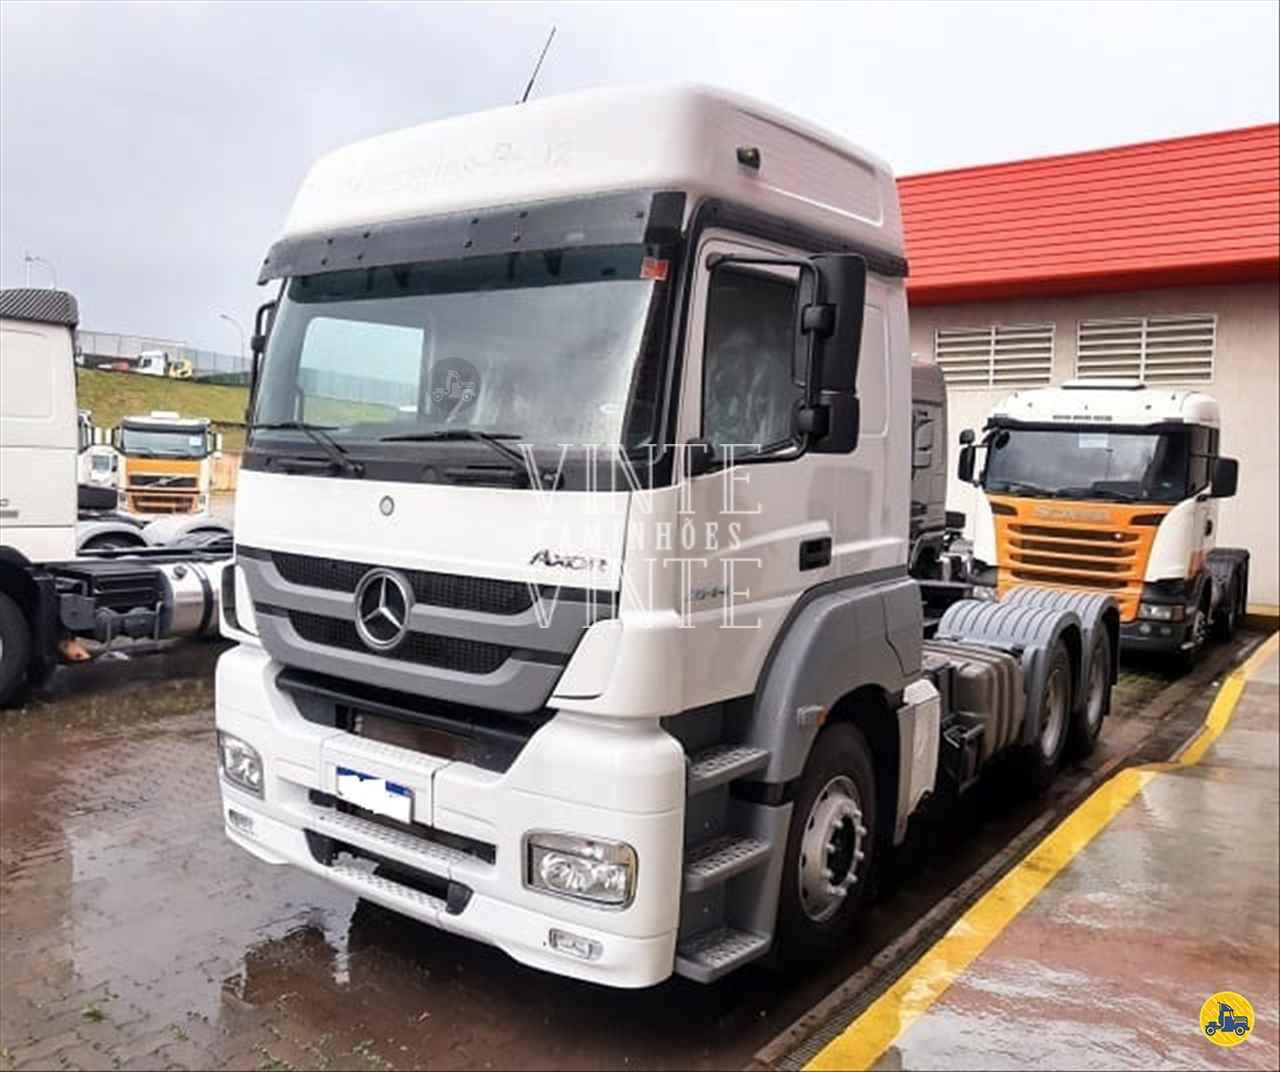 CAMINHAO MERCEDES-BENZ MB 2644 Cavalo Mecânico Traçado 6x4 Vinte-Vinte Caminhões SANTO ANDRE SÃO PAULO SP